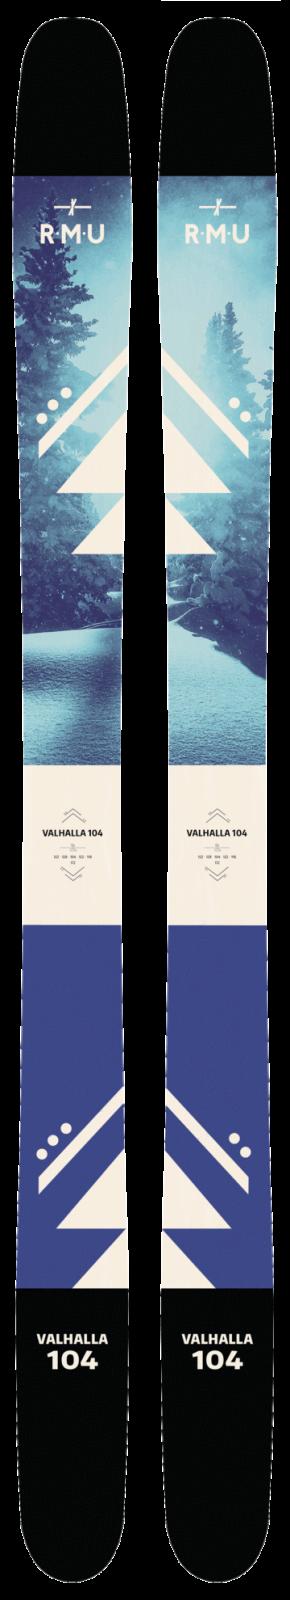 RMU 2019 Valhalla 104